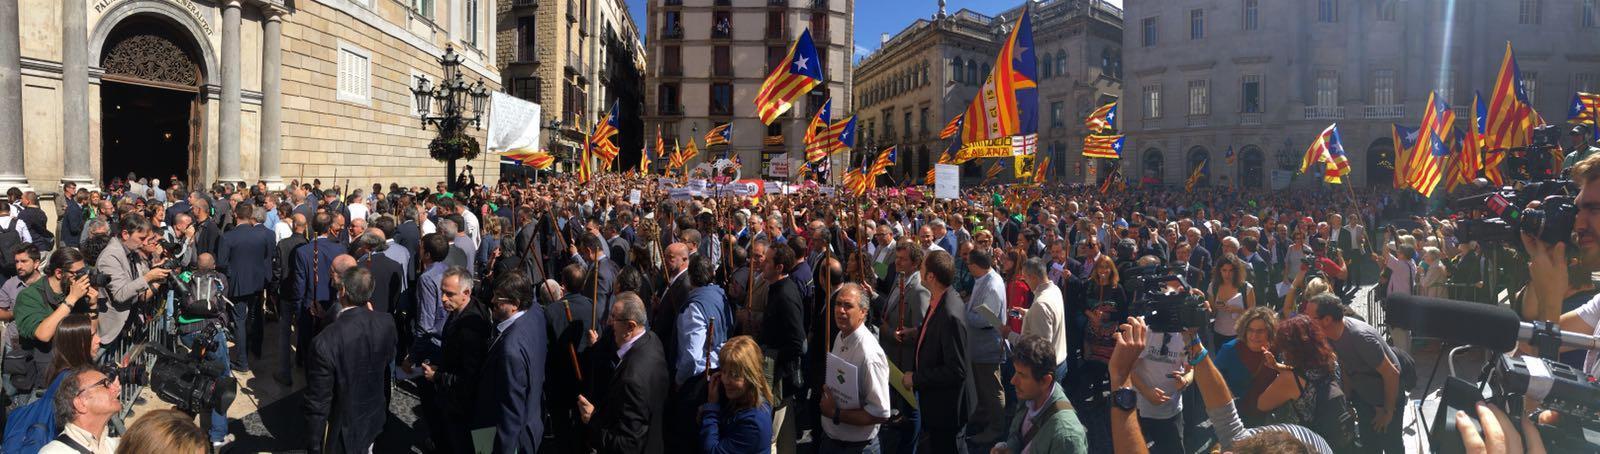 La Plaza de Santiago, llena de alcaldes.  // RAC1 / Adrià Santasusagna